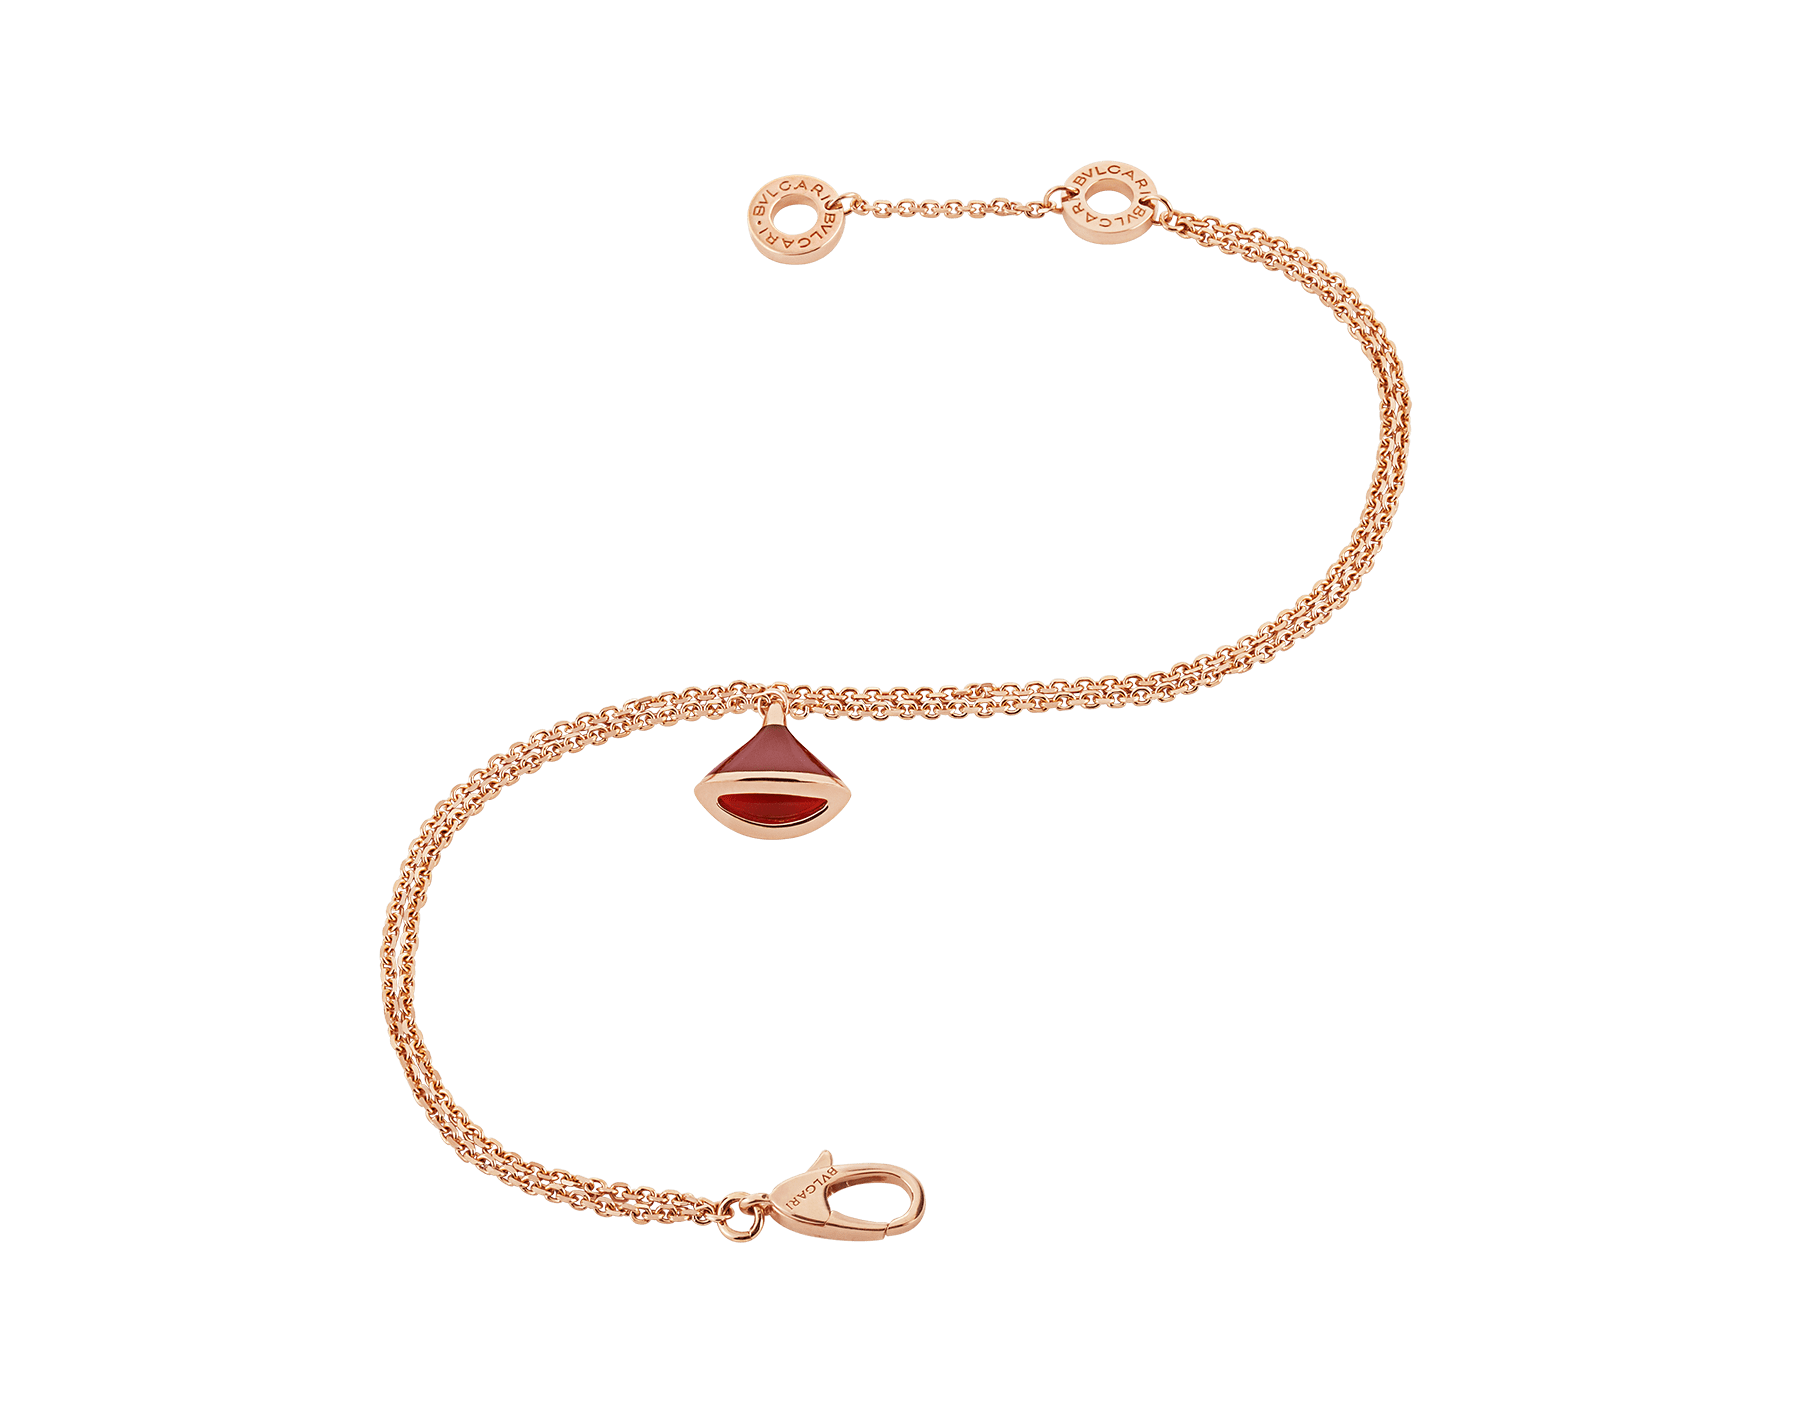 Incarnant le charme des couleurs et l'essence de la beauté féminine, le bracelet DIVAS' DREAM éblouit par la vivacité de la cornaline et la délicatesse de ses courbes pures. BR857194 image 2